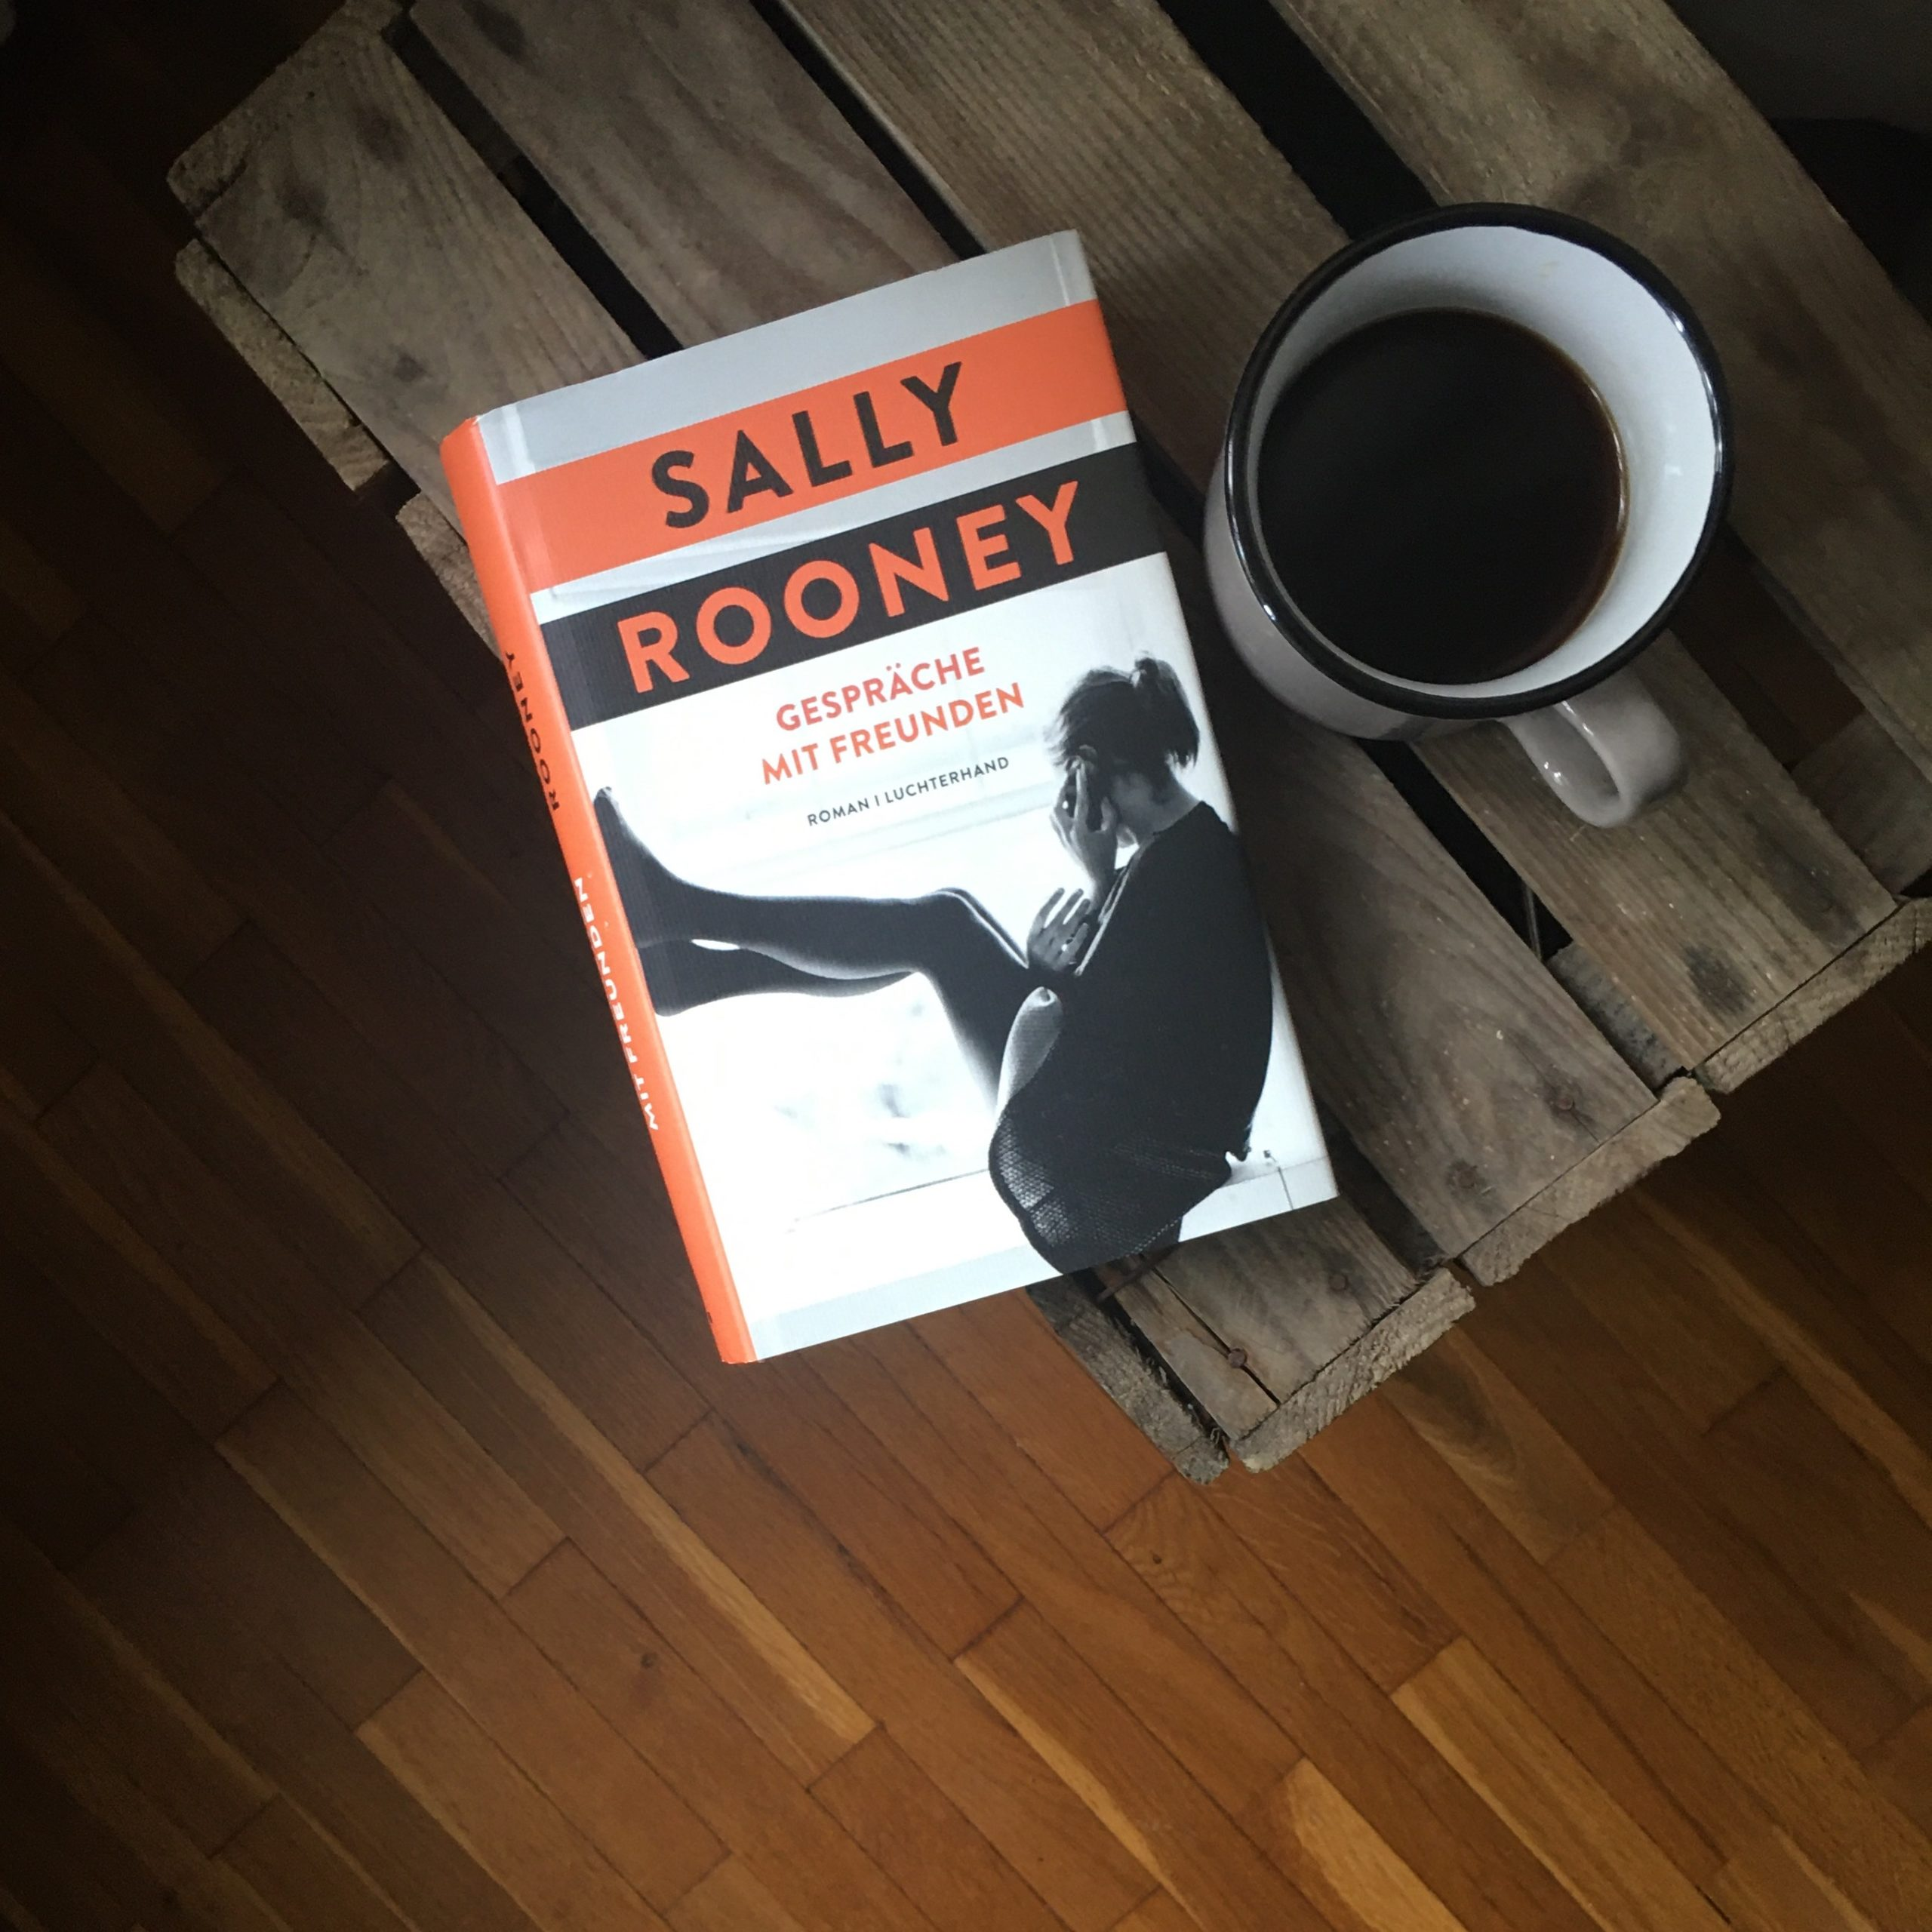 Sally Rooney - Gespräche mit Freunden